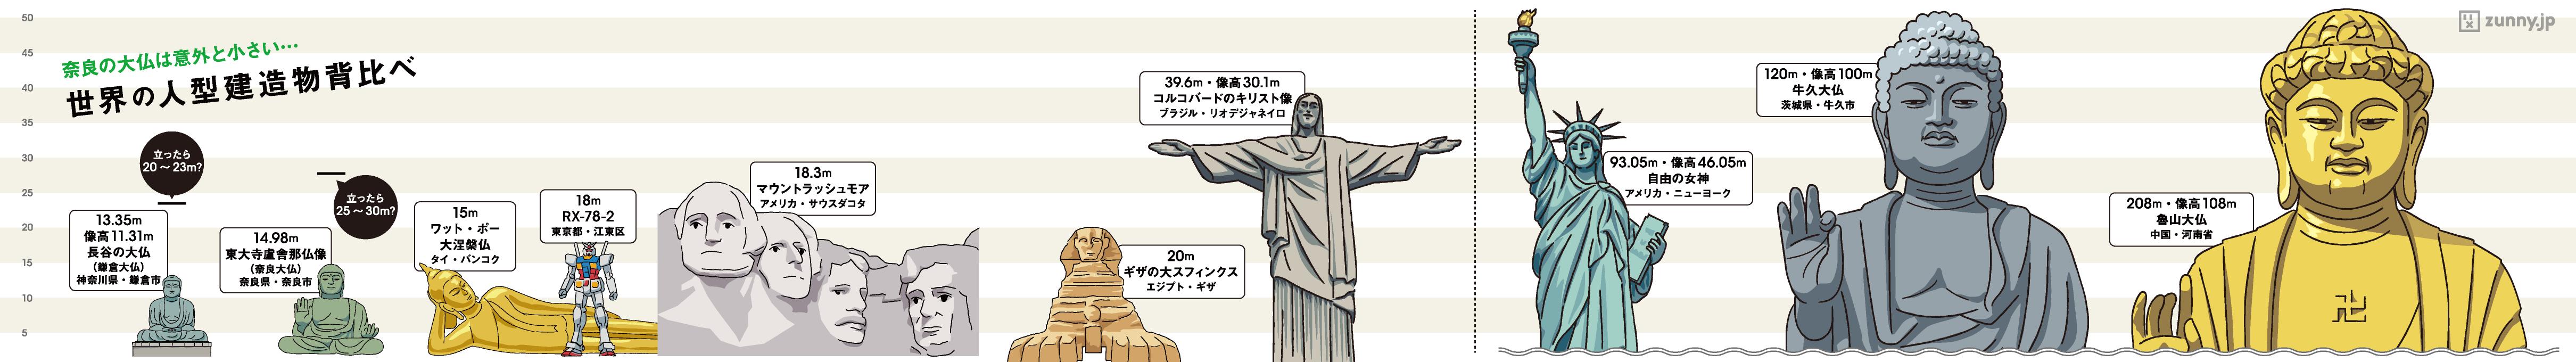 像 は 一 大仏 リオ 牛久 の 女神 の の 自由 番 大きい キリスト